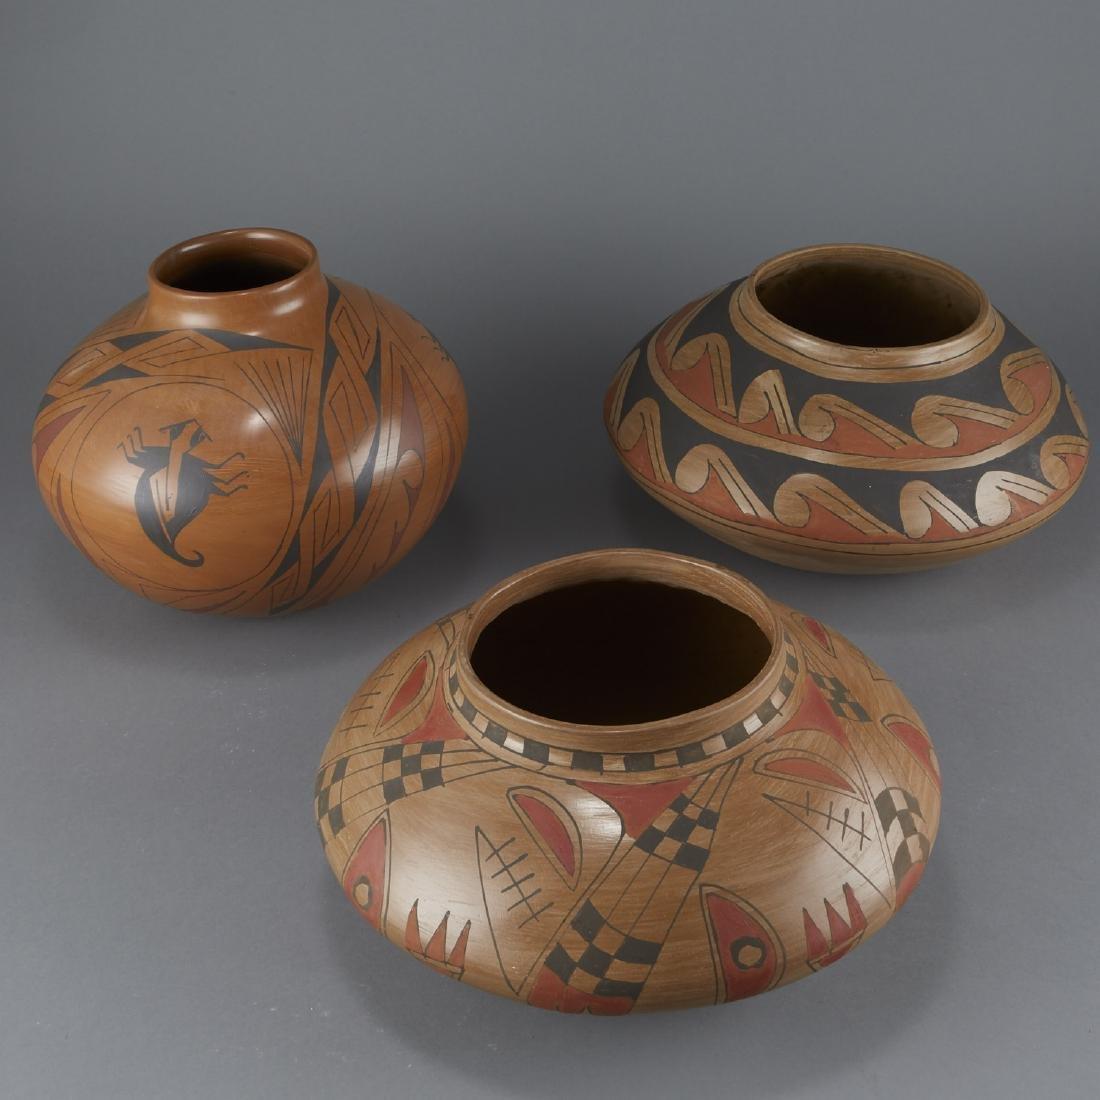 3 Polychrome Pottery Jars